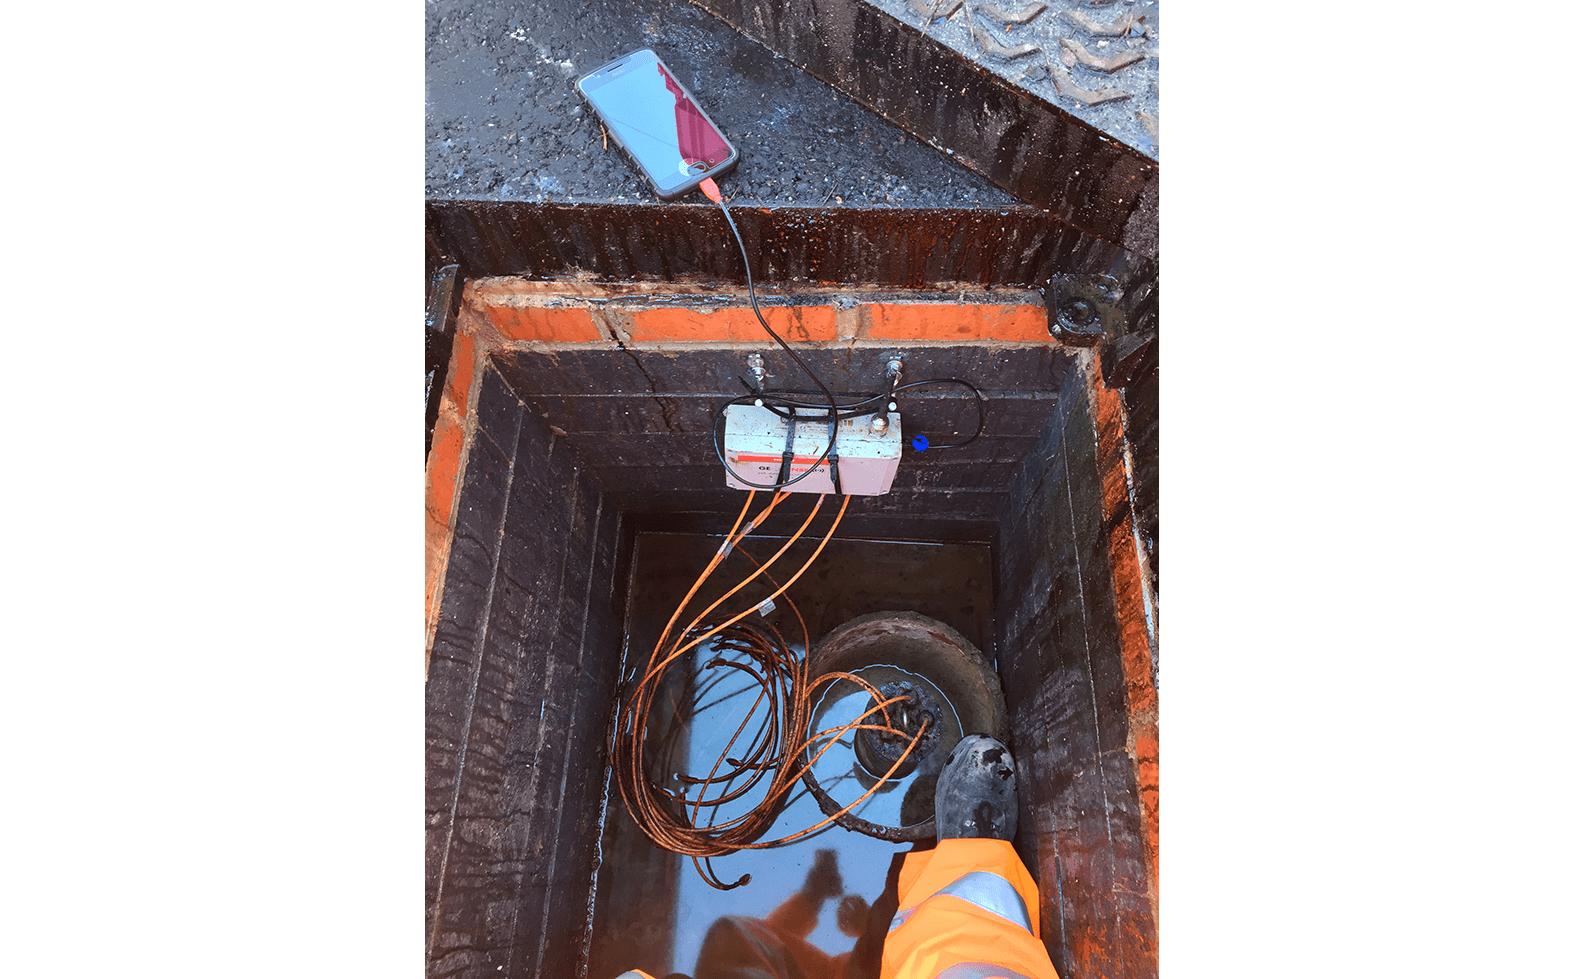 WI-SOS 480 Node mounted on side of brick manhole